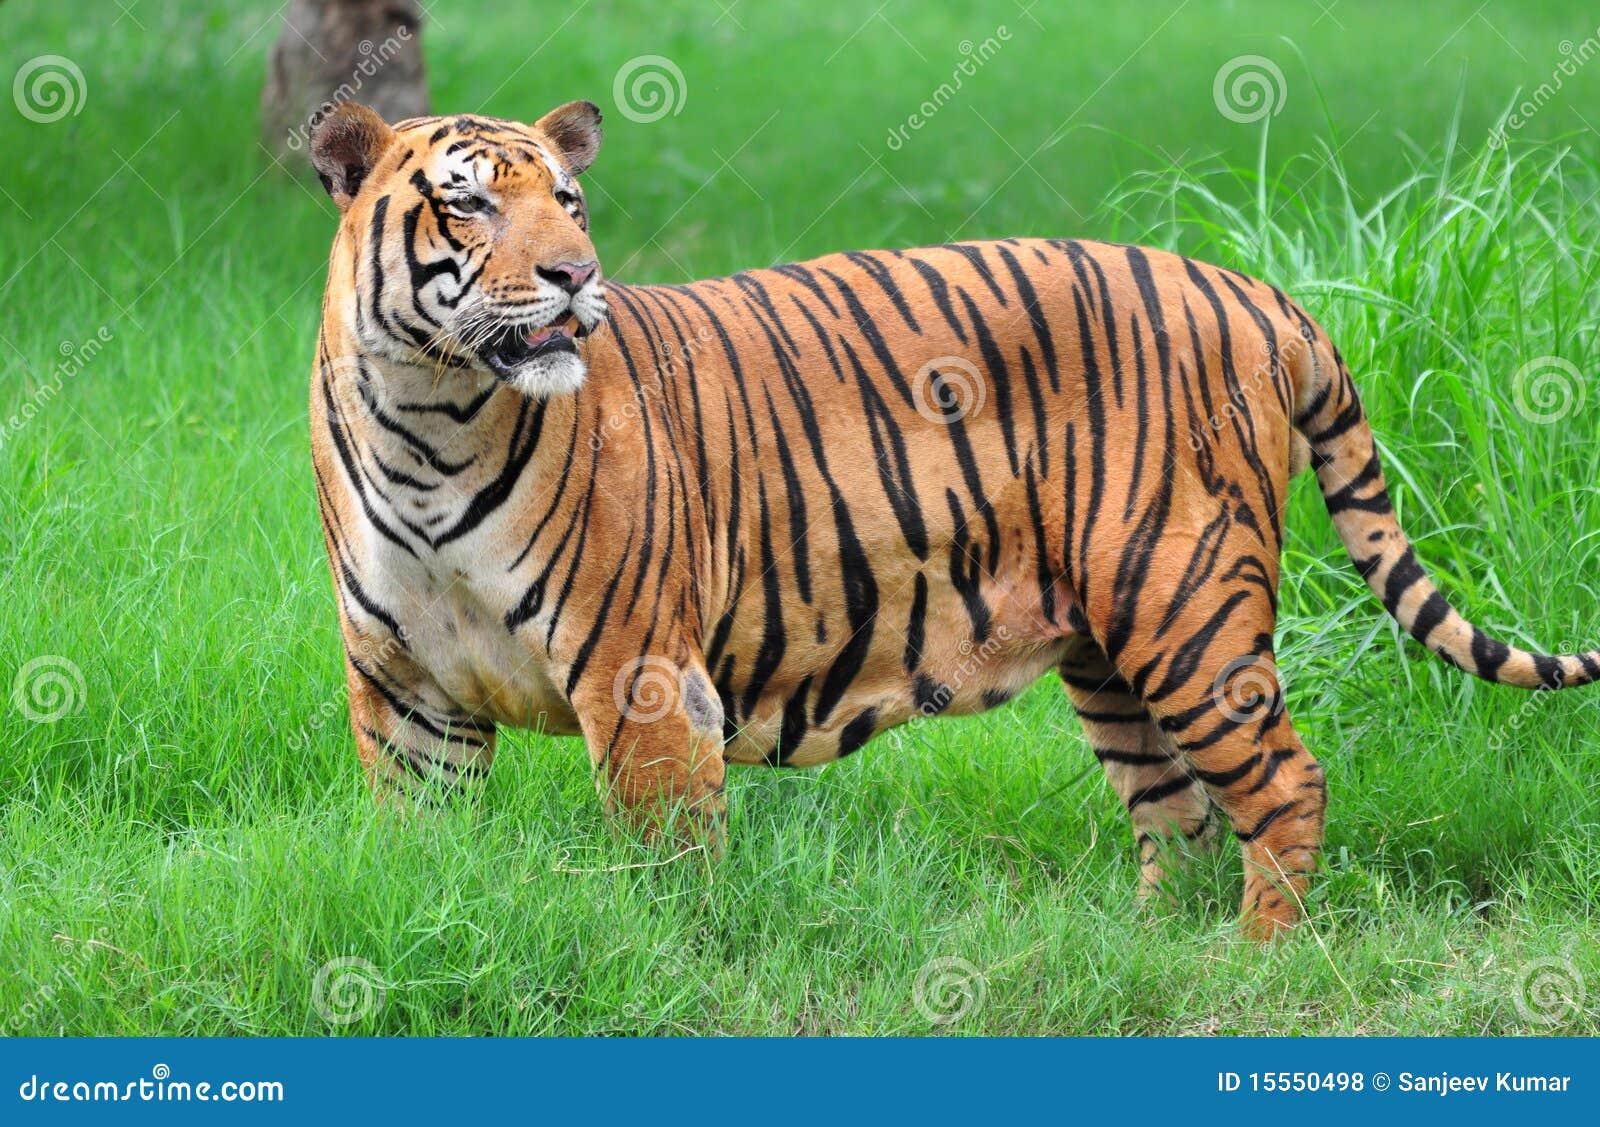 Tigre de bengale photo stock image du buissons rester - Images tigres gratuites ...